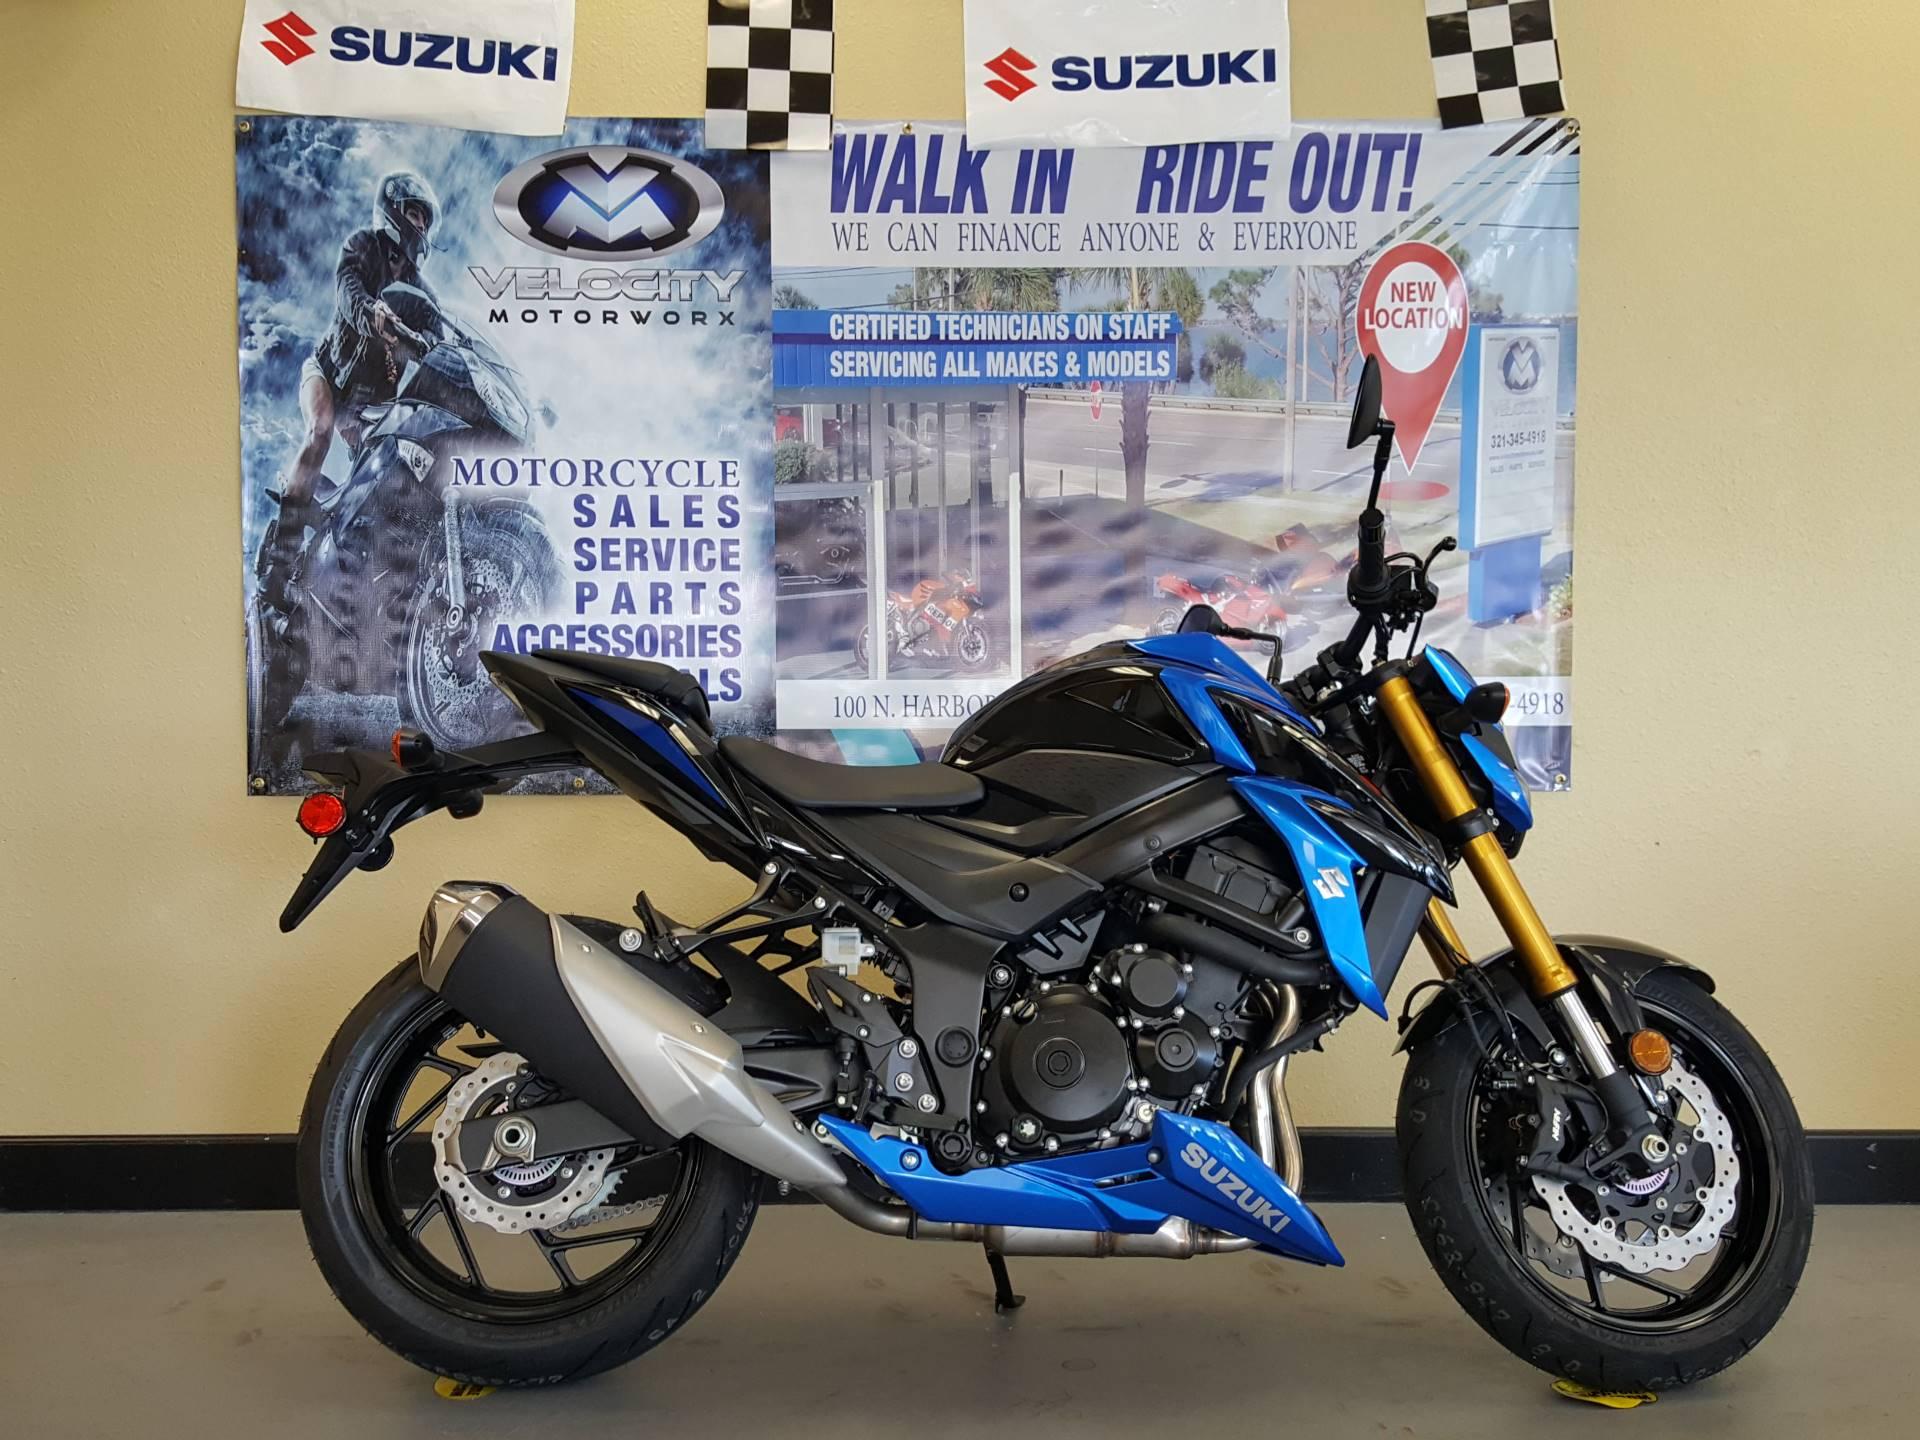 New 2018 Suzuki Gsx S750l8 Motorcycles In Melbourne Fl Stock